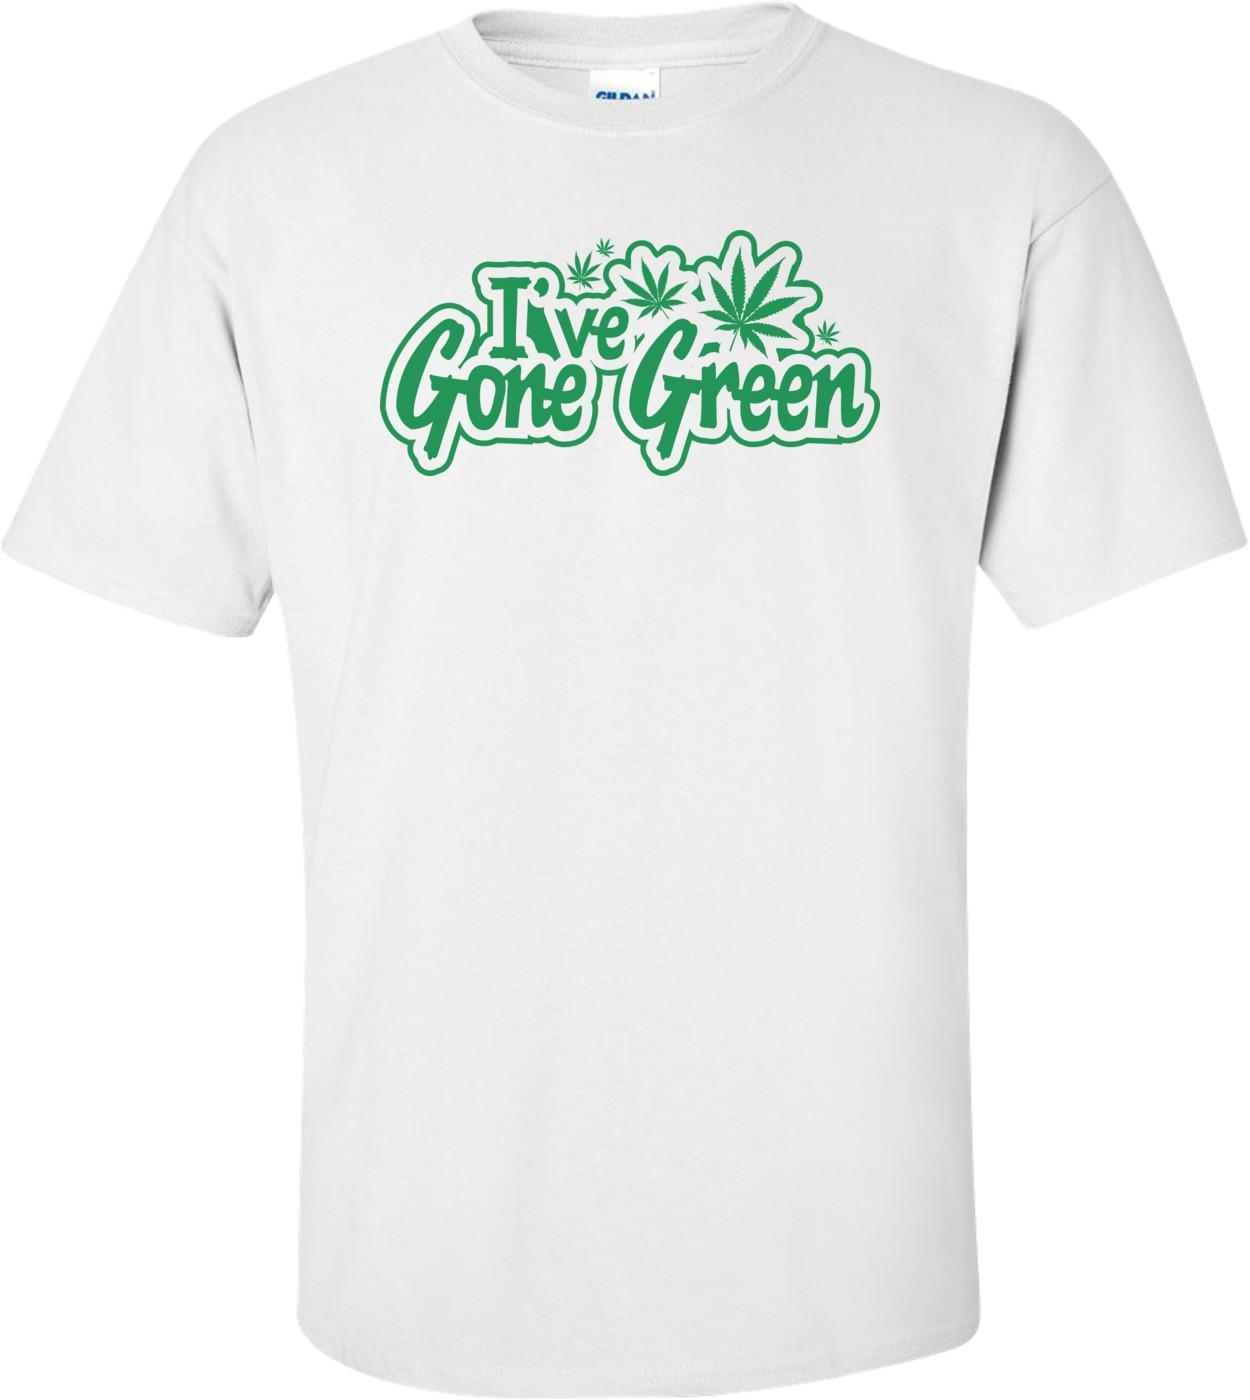 I've Gone Green